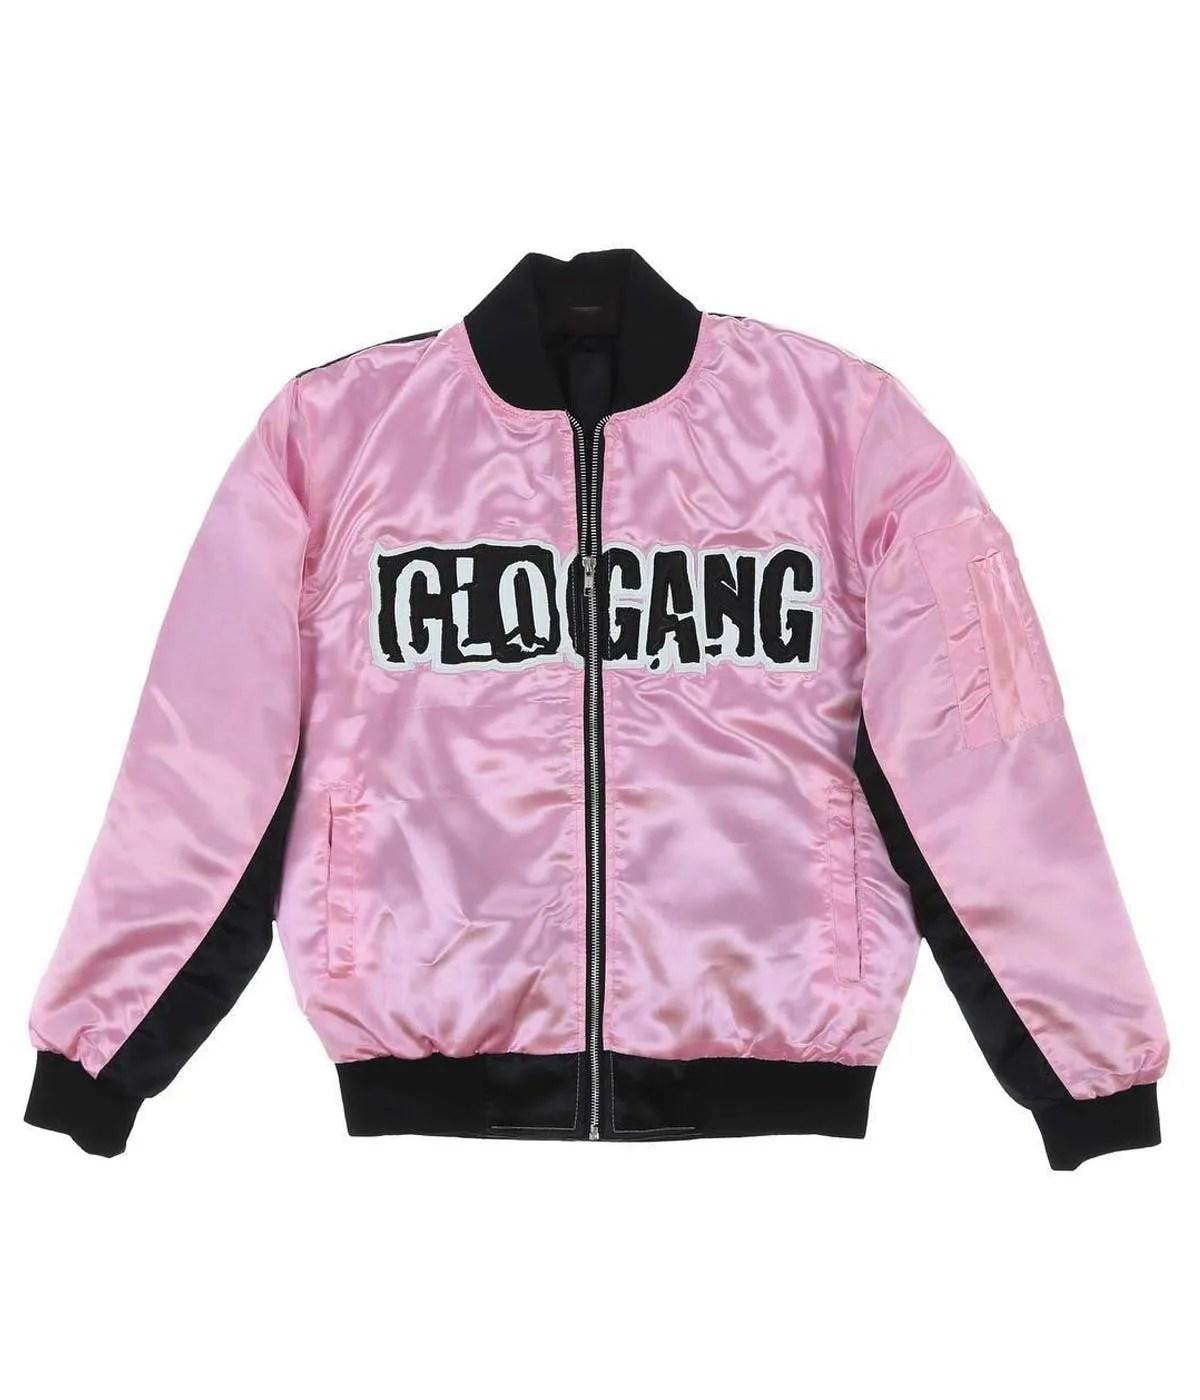 glo-gangglo-gang-bomber-jacket-bomber-jacket